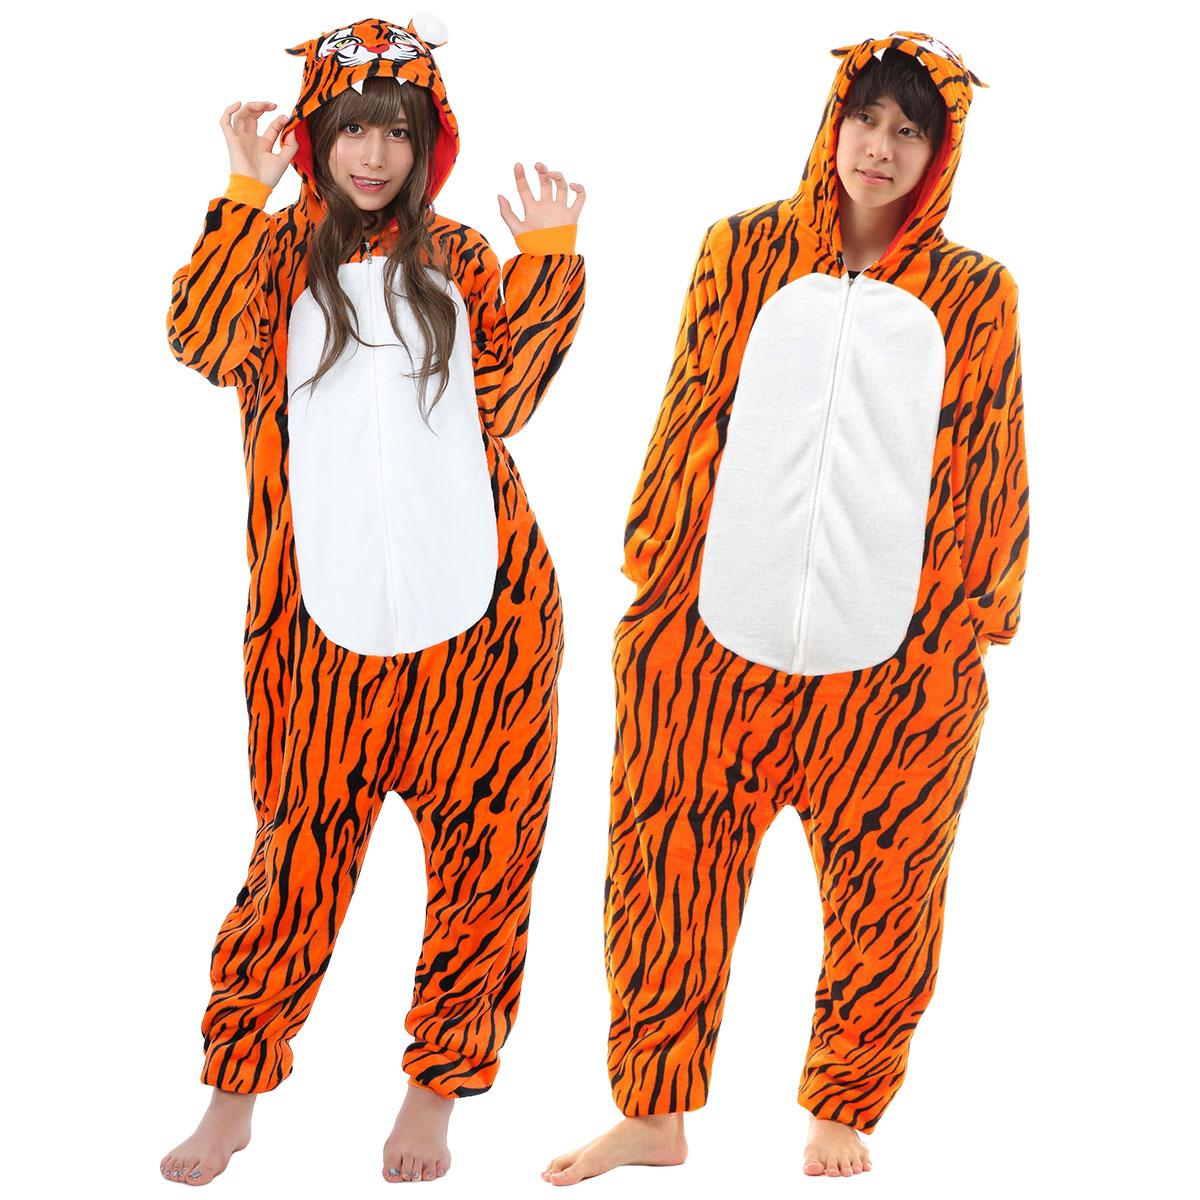 トラ 着ぐるみ とら コスプレ かわいい 虎 動物 蔵 レディース 大人 メンズ 着ぐるみパジャマ 大幅値下げランキング パジャマ